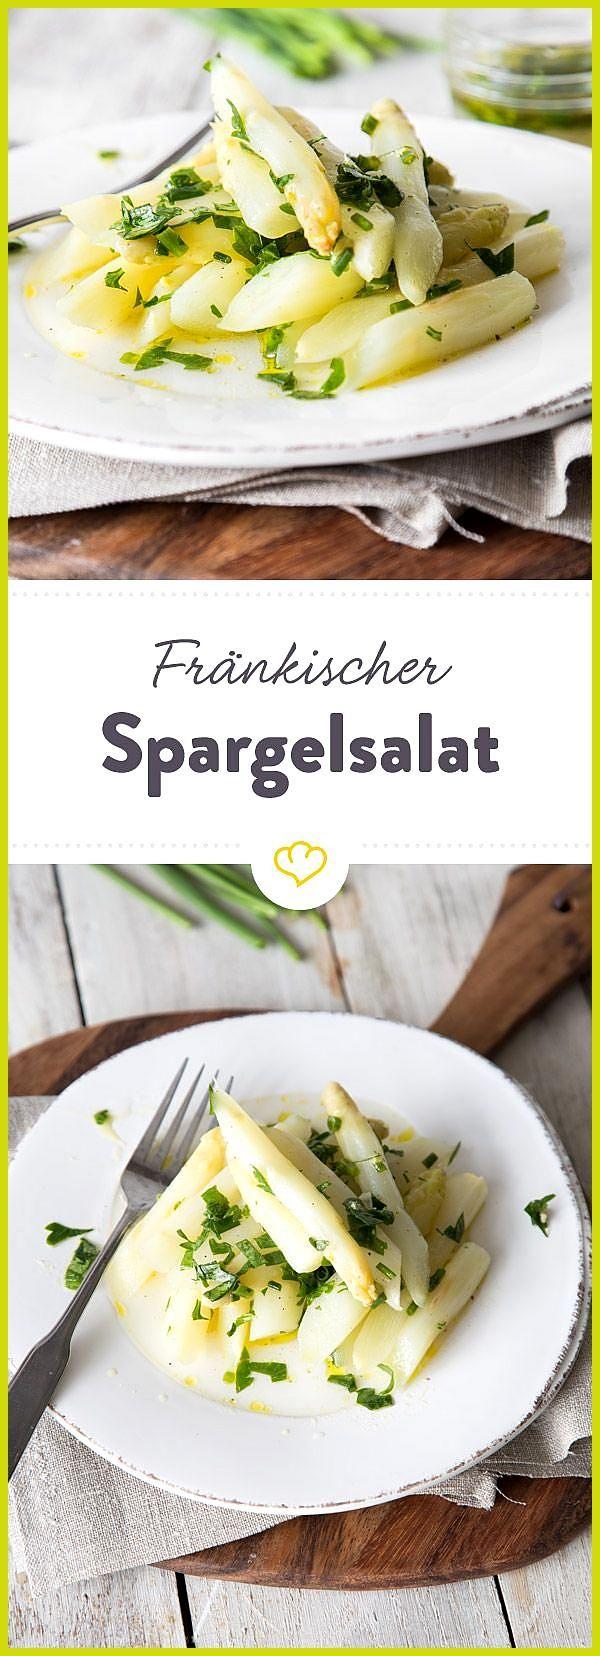 Fränkischer Spargelsalat – der Klassiker #Der #Fitness food przepisy #Fitness food veggie #Fränkisch...